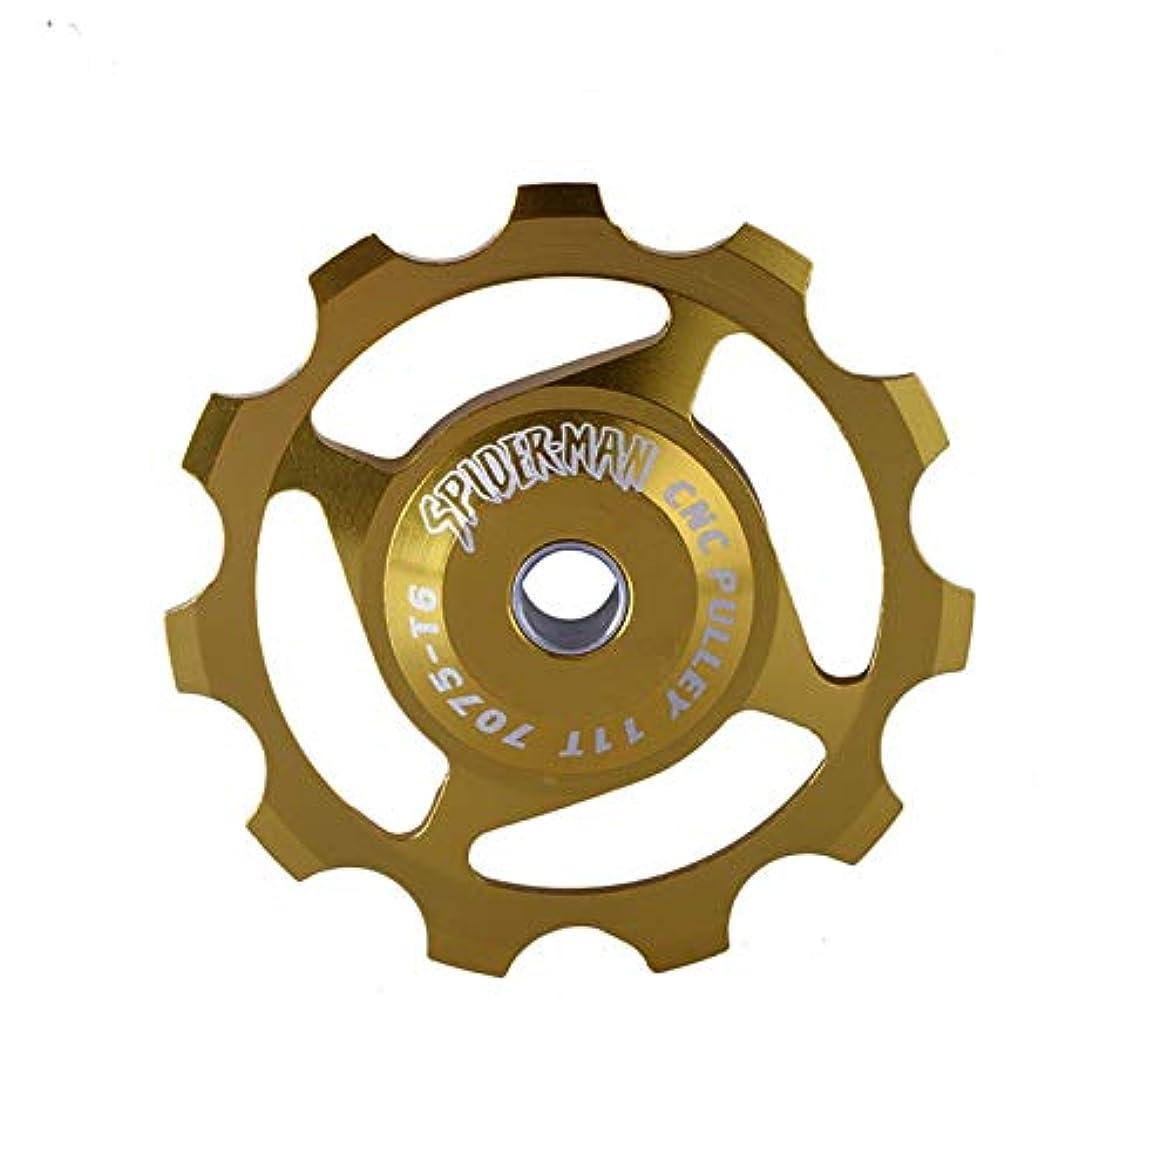 橋脚ラジエーター山Propenary - 自転車リアディレイラー7075アルミニウム11Tロードバイクベアリングリアディレイラープーリーローラーアイドラーの自転車ジョッキーホイール部品[イエロー]